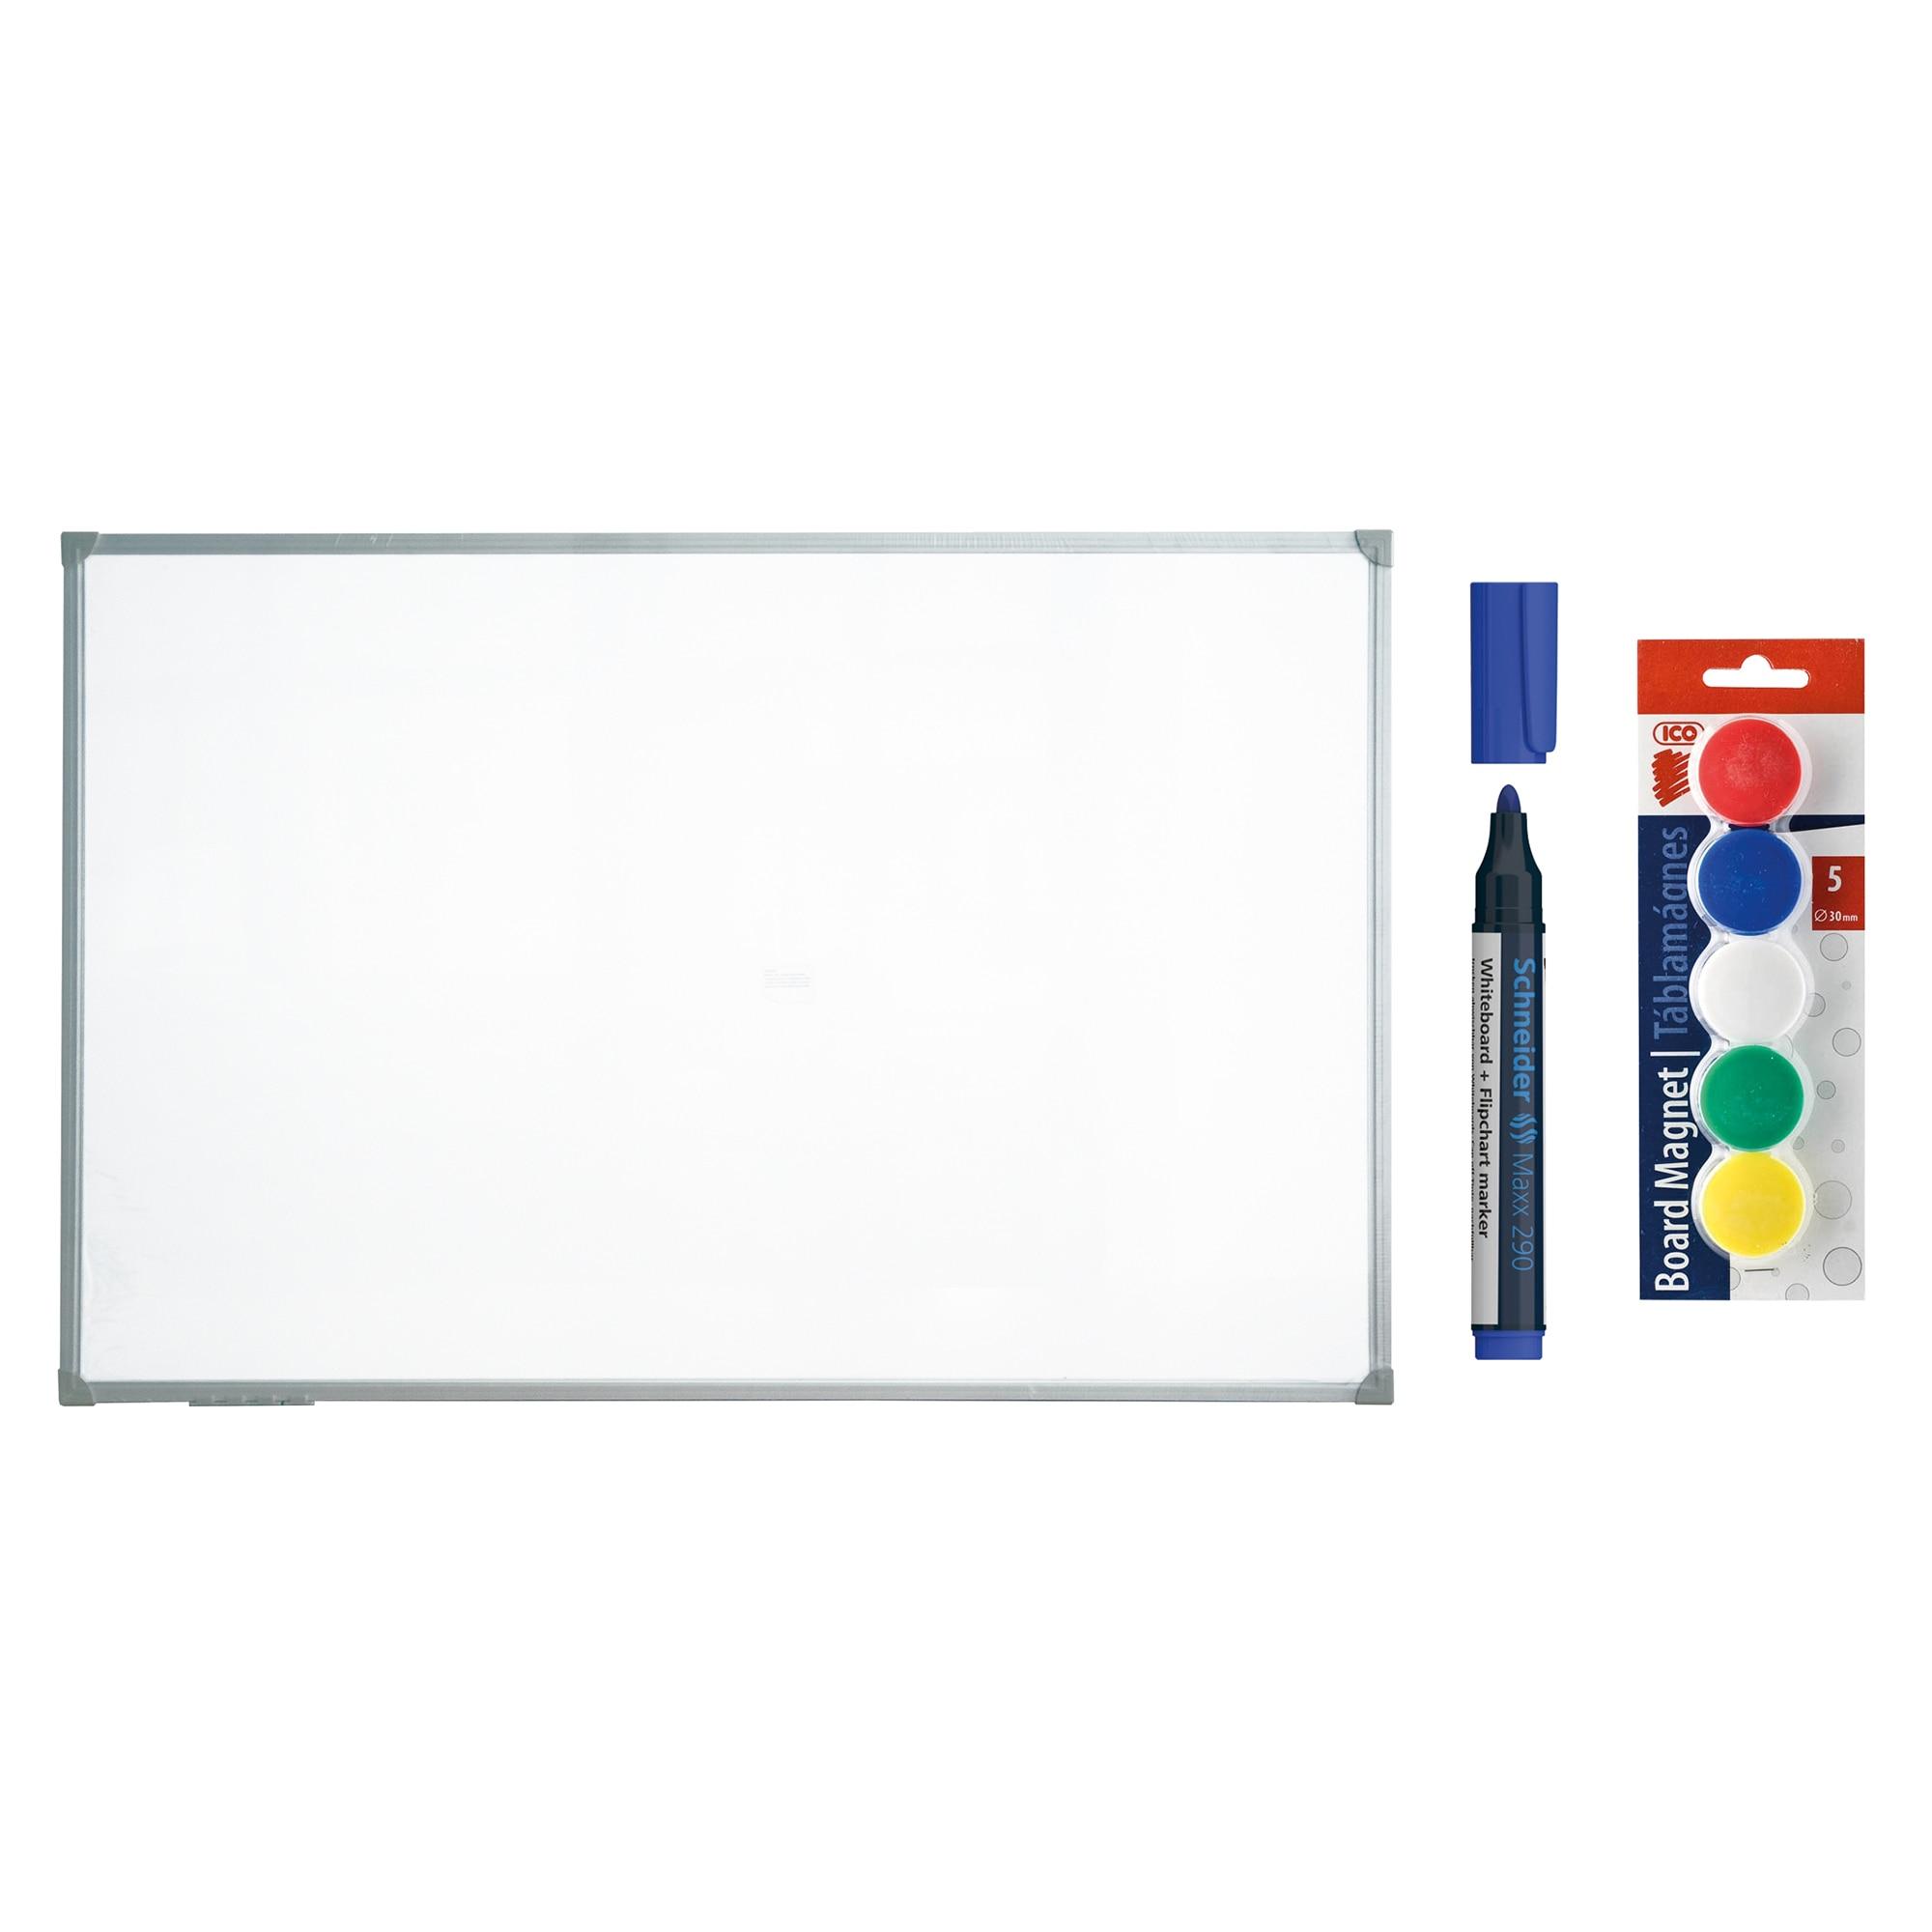 Fotografie Whiteboard magnetic cu rama aluminiu Forster 150 x 100 cm si accesorii: magneti ICO, marker Schneider